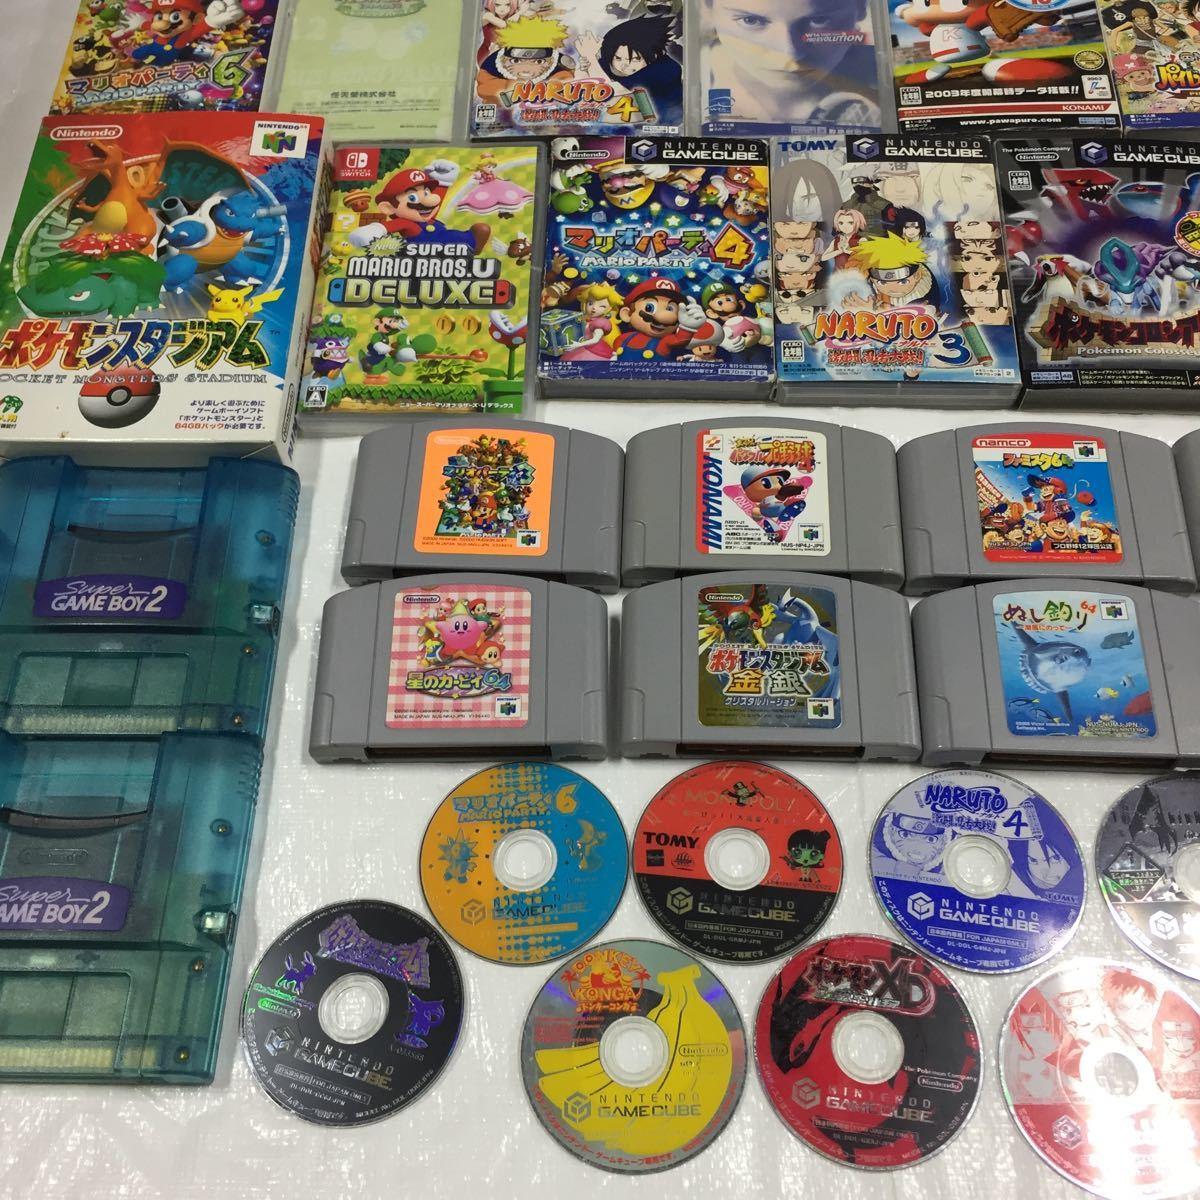 【ジャンク】Wii Wiiu ゲームボーイ ニンテンドー64 ゲームキューブ スイッチ ニンテンドーゲームソフトまとめ売り ソフト大量セット_画像5